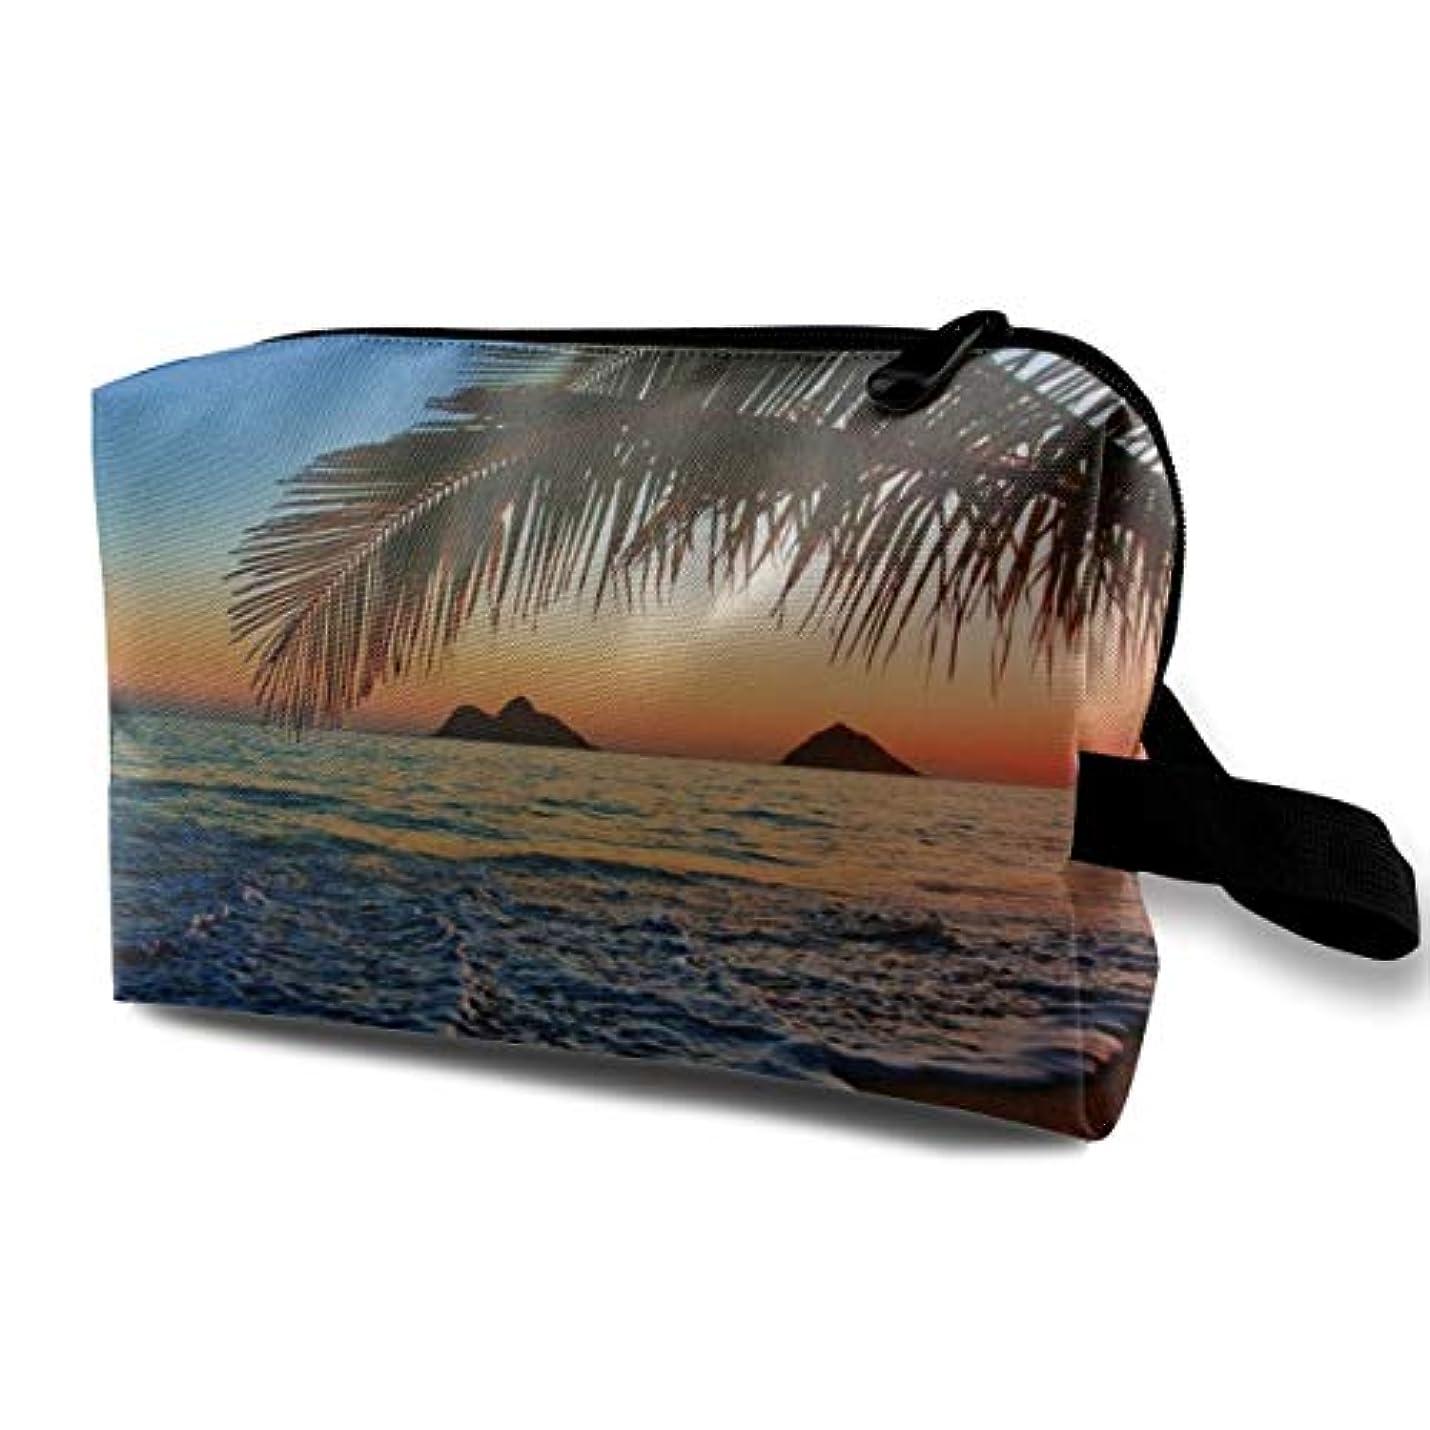 無秩序ラウズアンプPacific Sunrise Beach 収納ポーチ 化粧ポーチ 大容量 軽量 耐久性 ハンドル付持ち運び便利。入れ 自宅?出張?旅行?アウトドア撮影などに対応。メンズ レディース トラベルグッズ